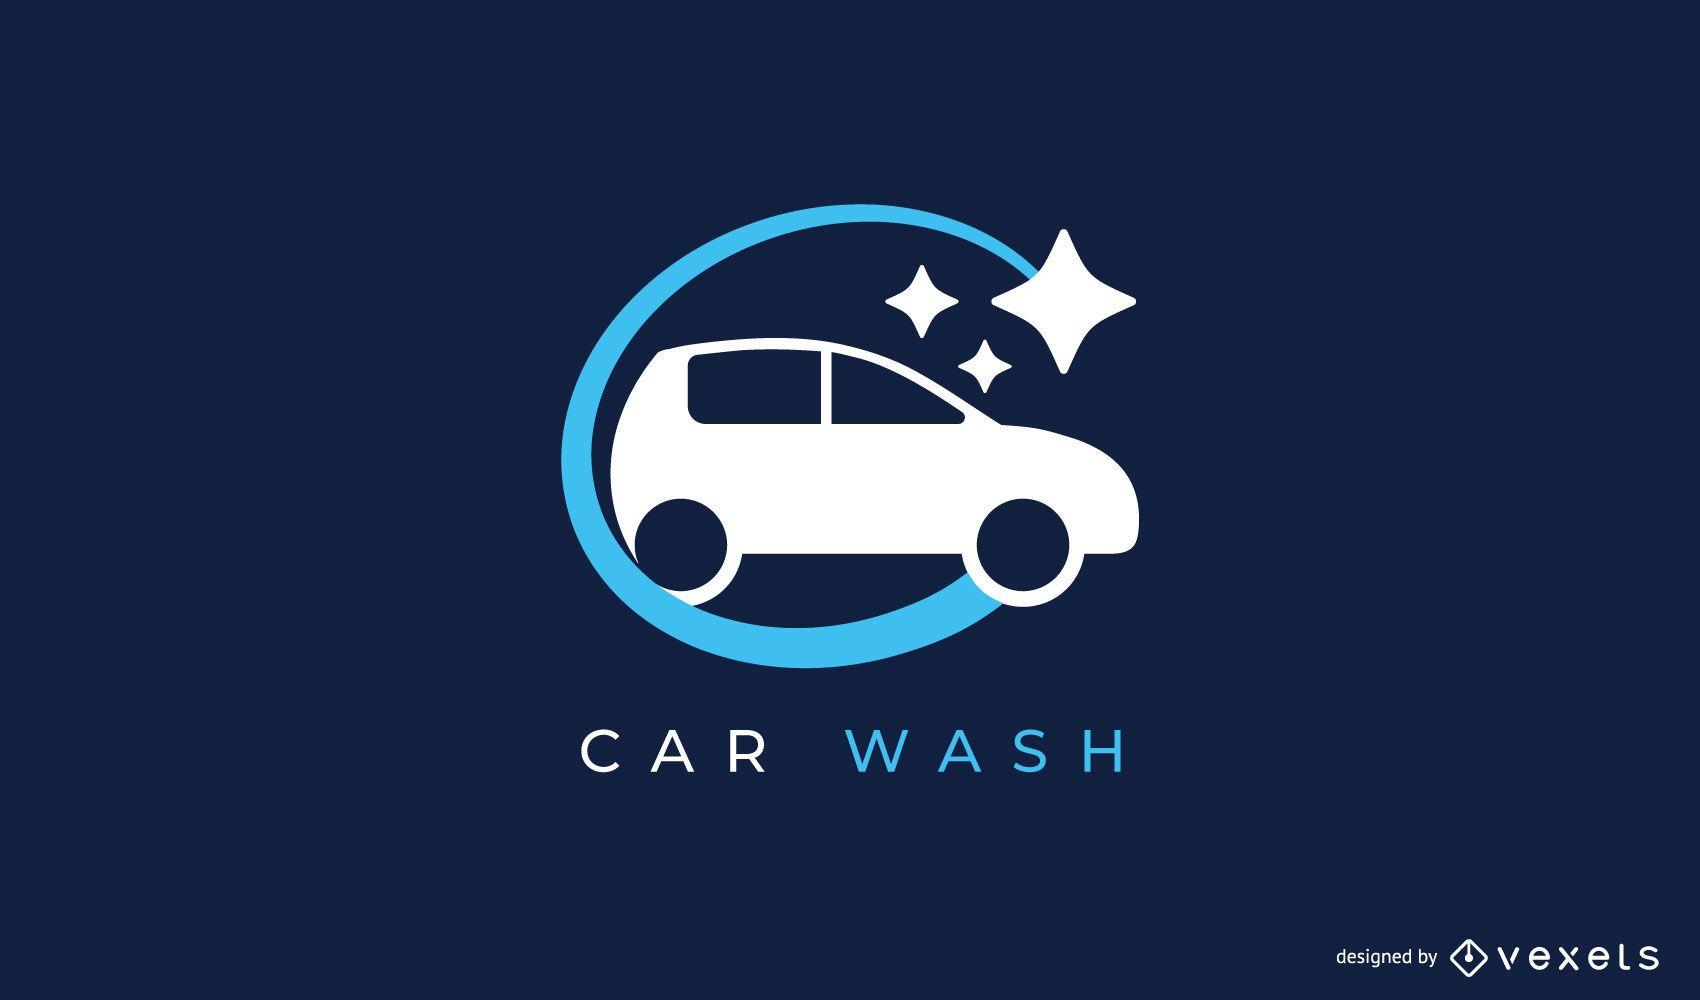 Car Wash Logo Design Template